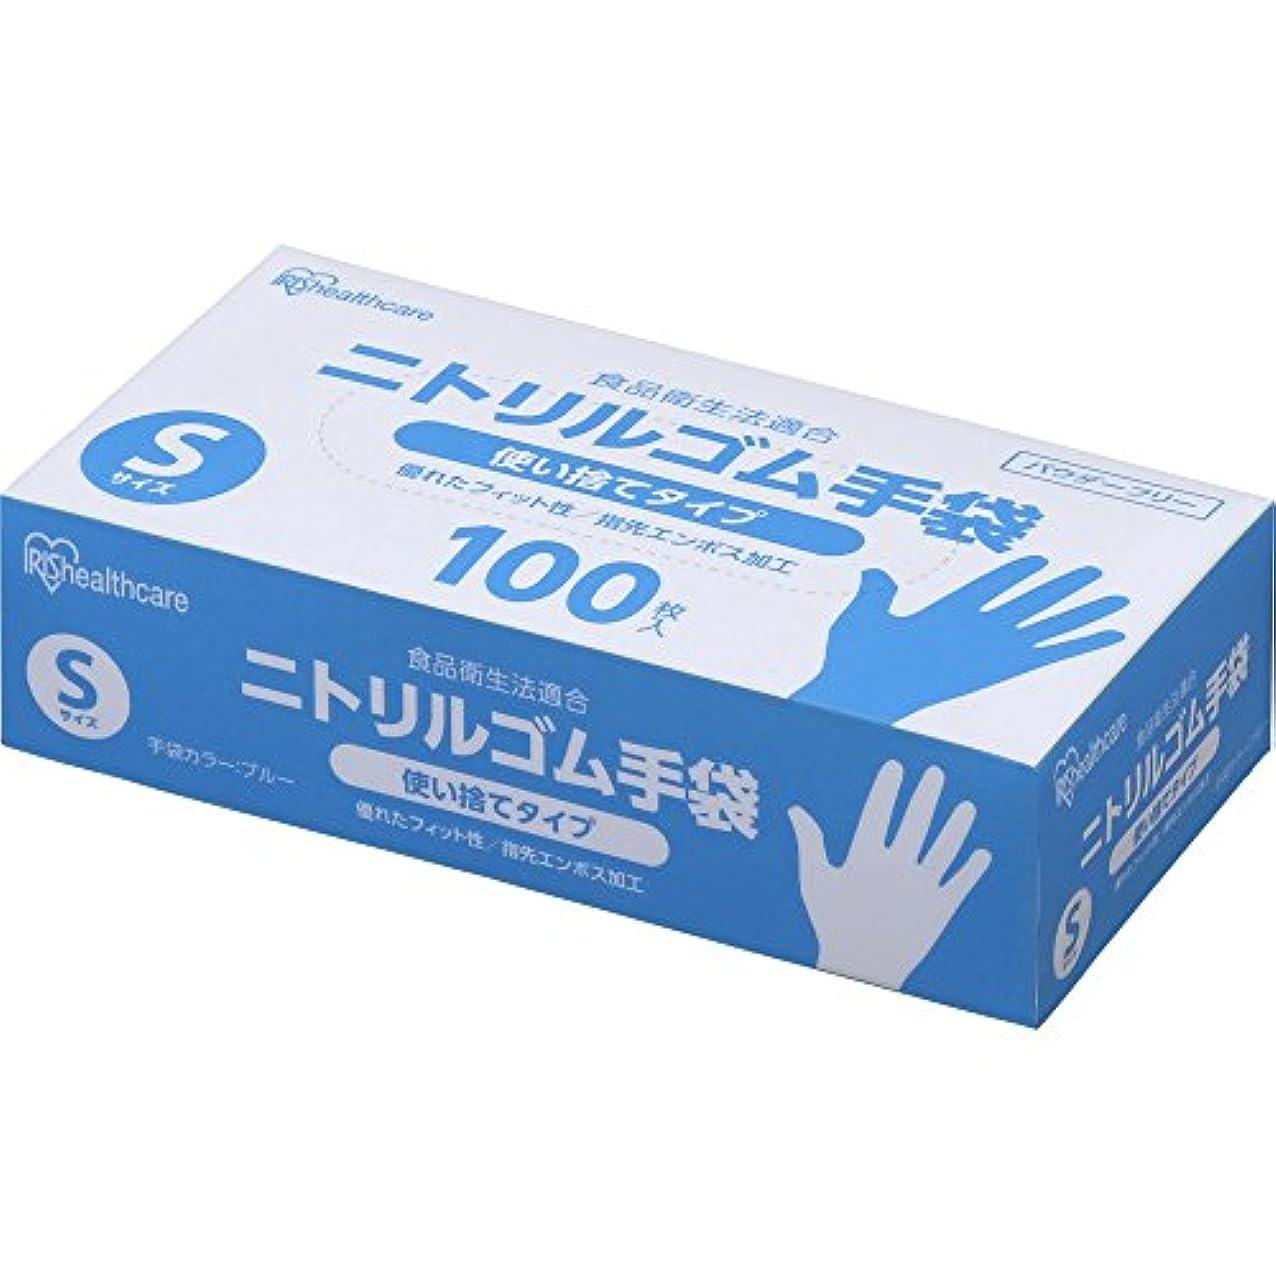 ダルセット路地ペナルティアイリスオーヤマ 使い捨て手袋 ブルー ニトリルゴム 100枚 Sサイズ 業務用